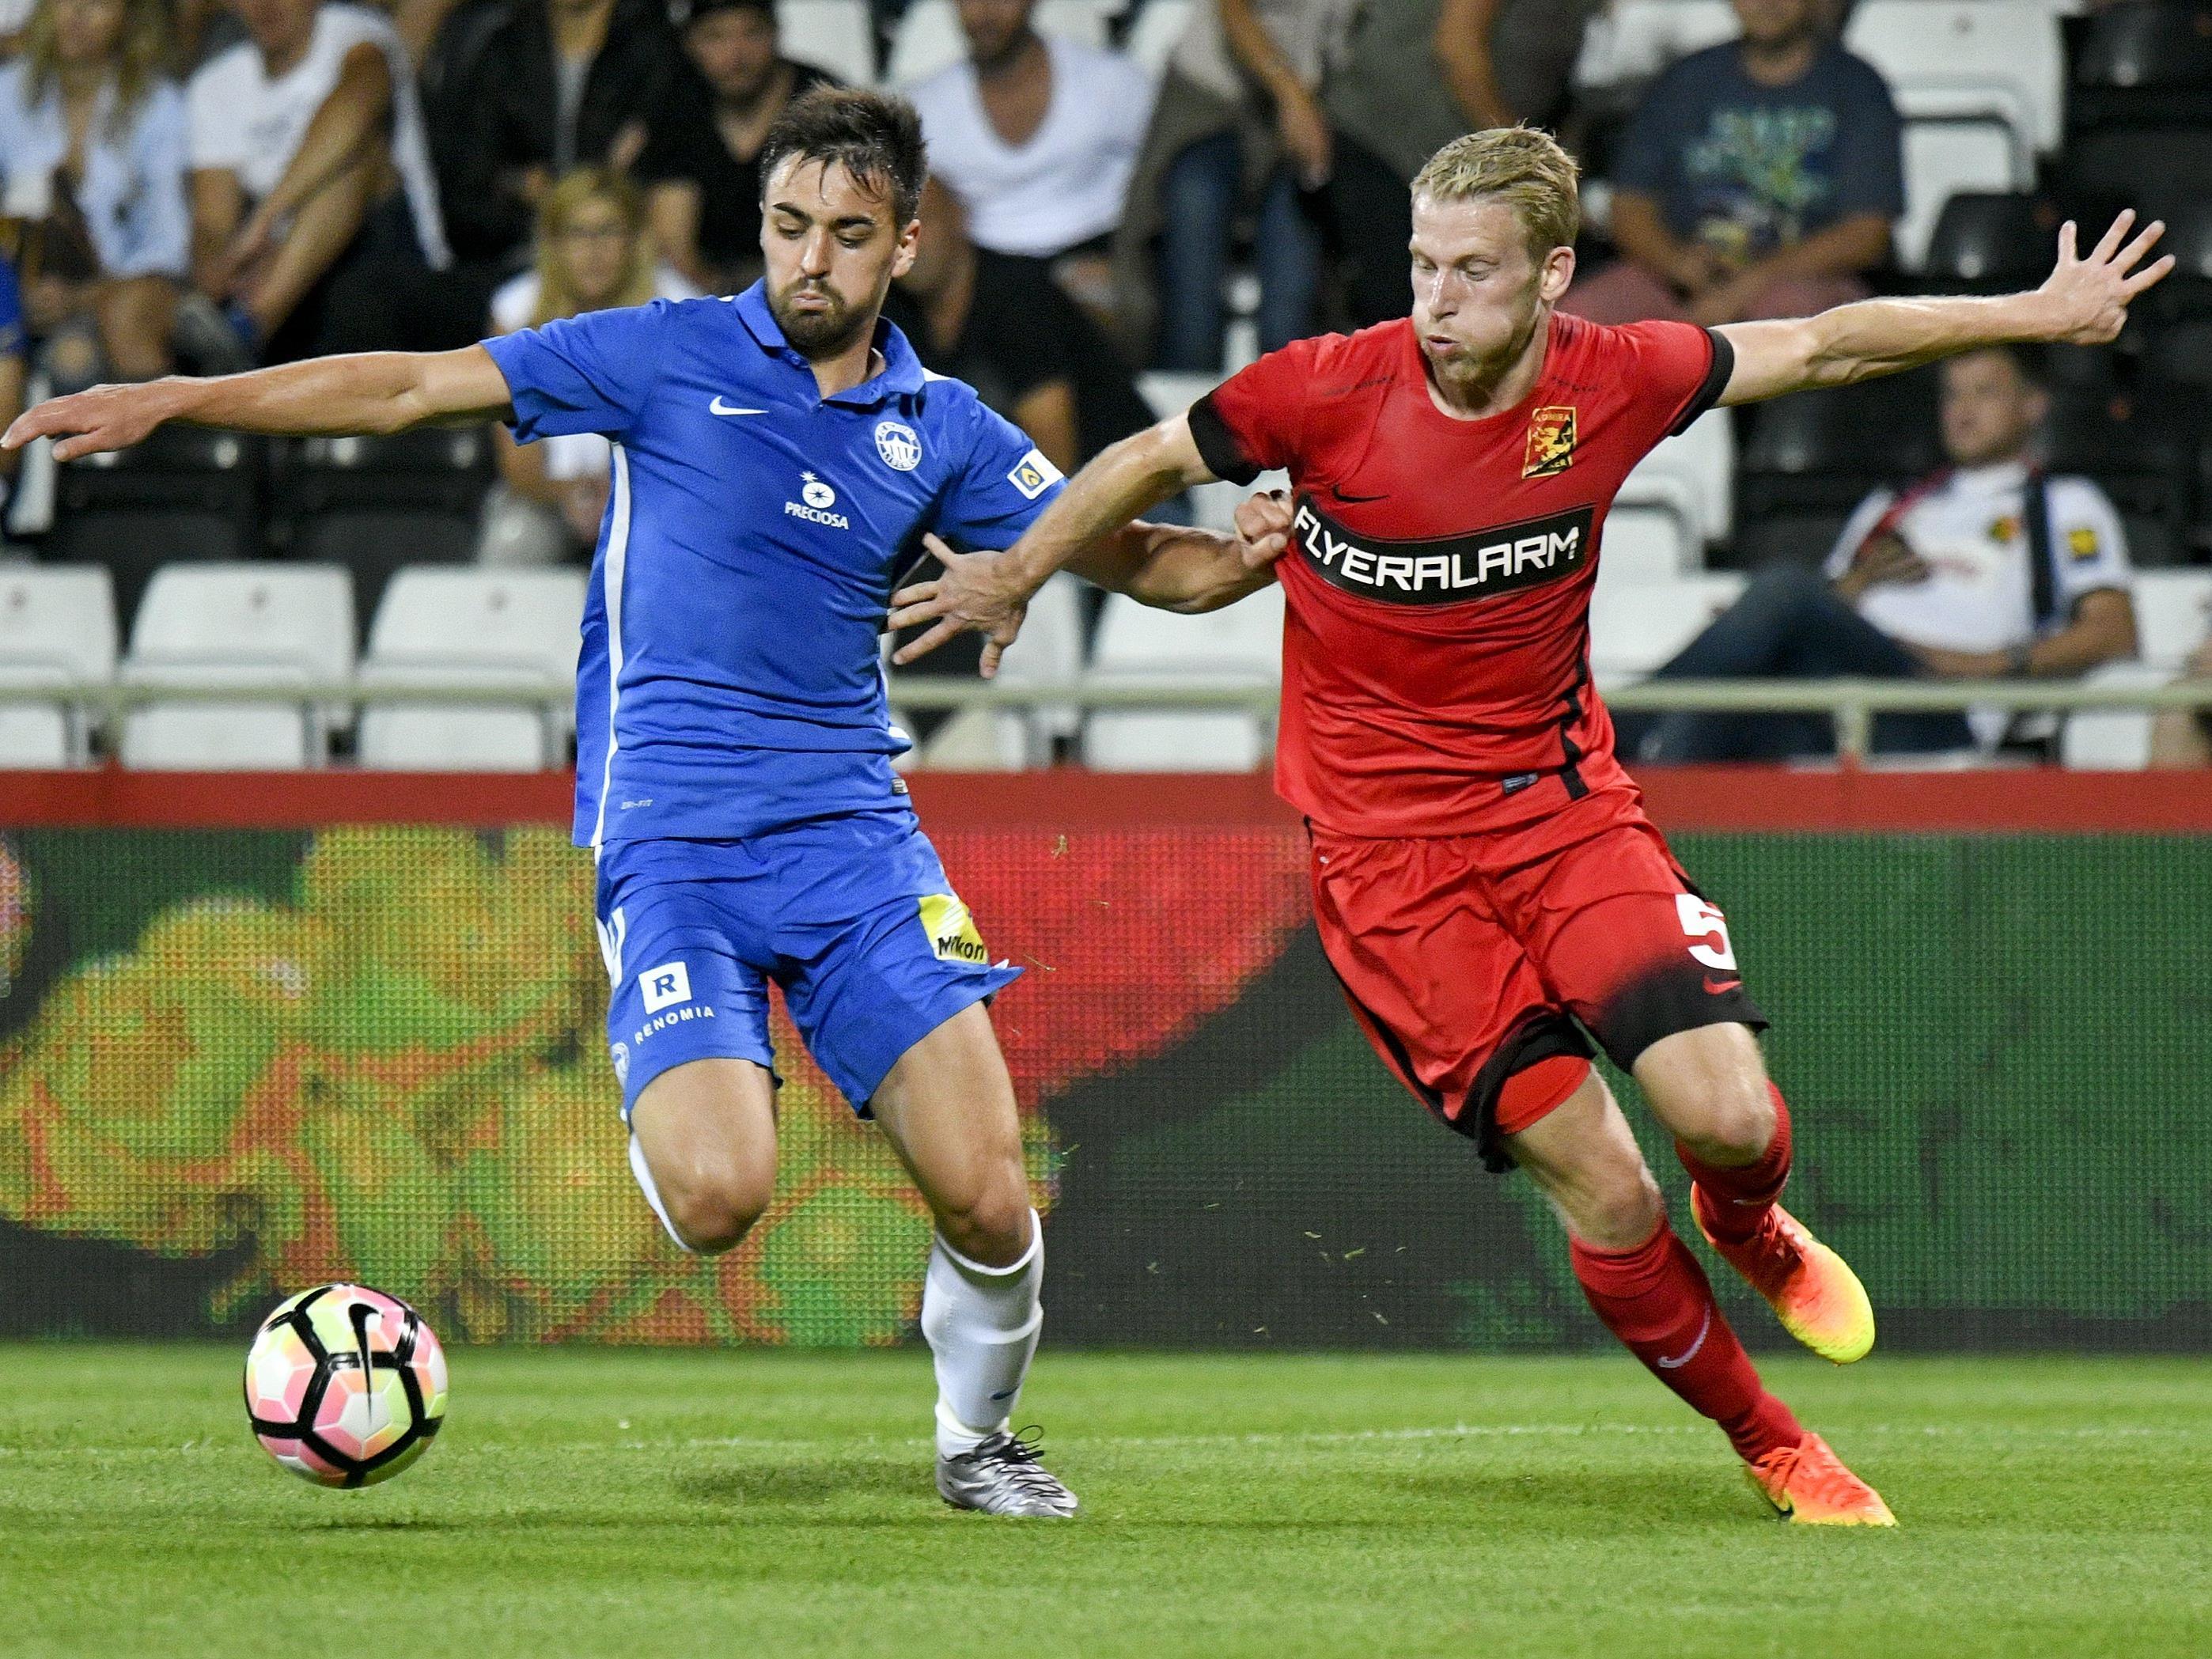 Die Admira ist in der Qualifikation zur Europa League gegen Slovan Liberec ausgeschieden.